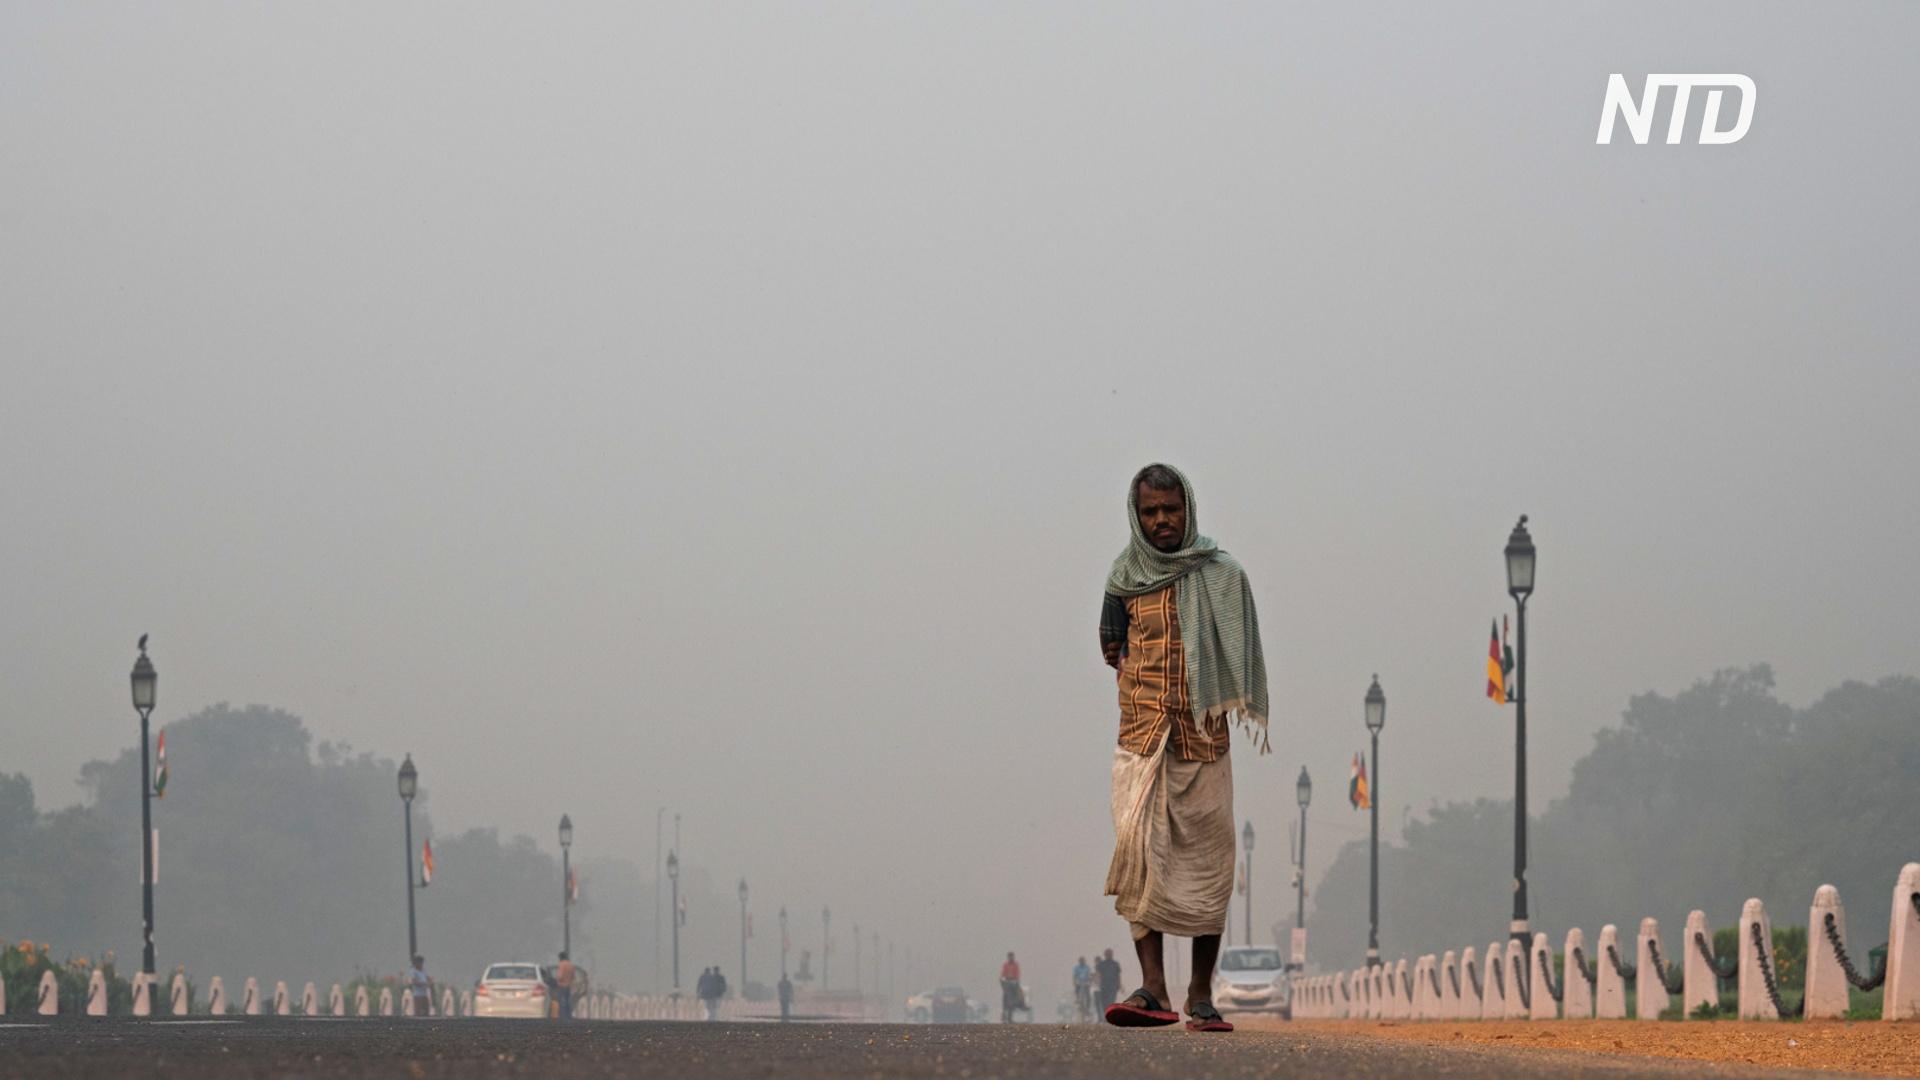 Нью-Дели заволокло дымом: власти закрыли школы на два дня